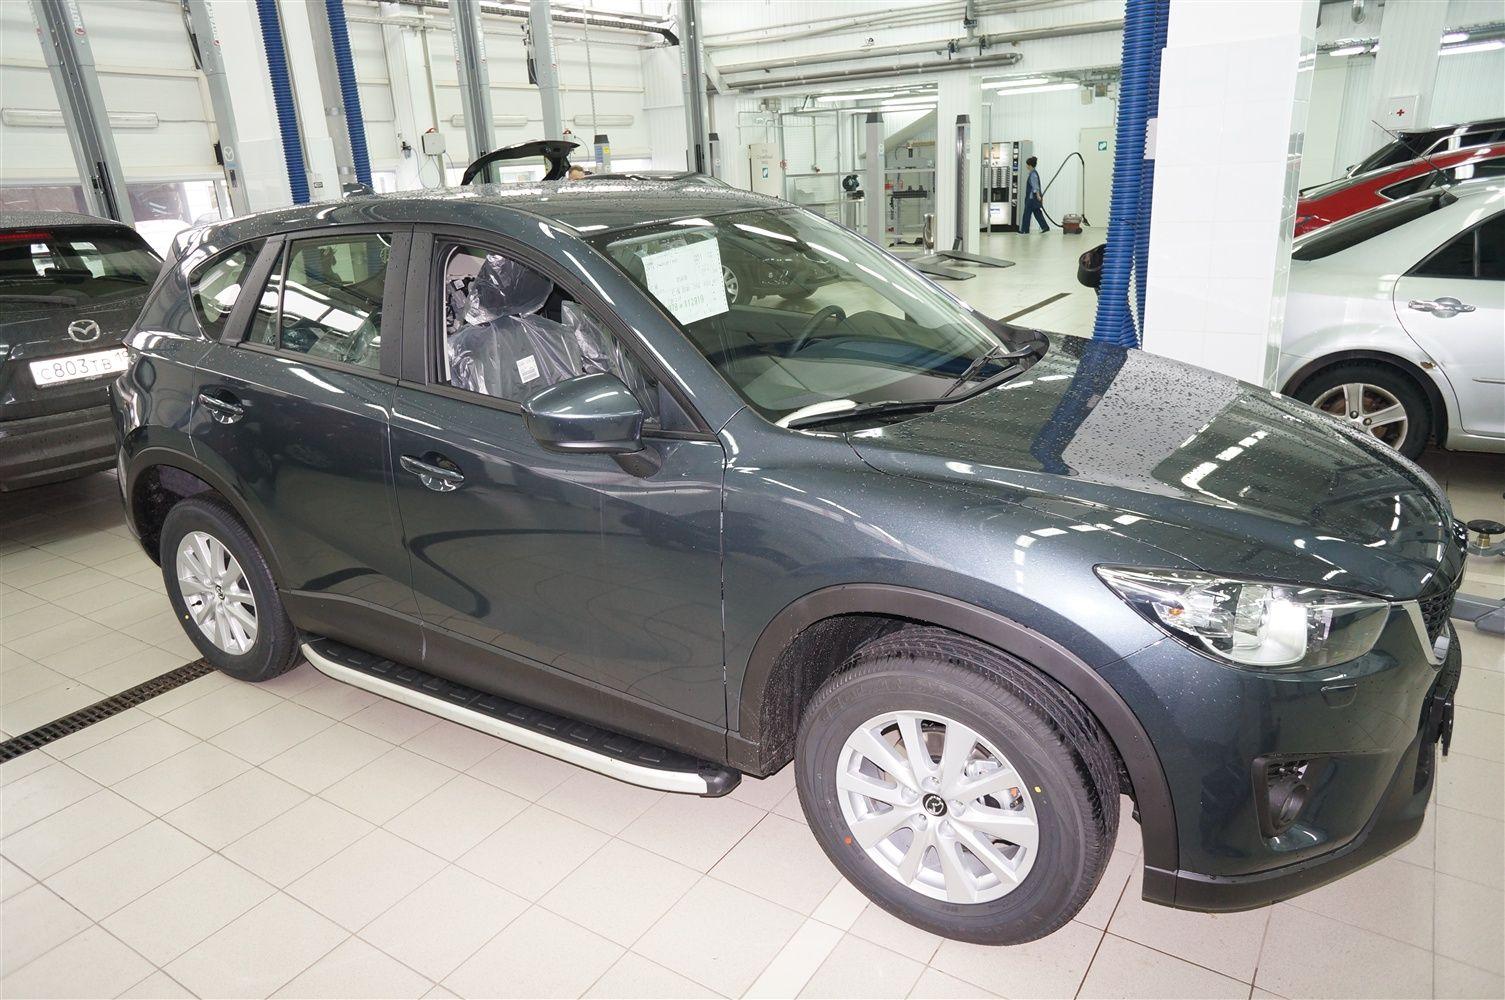 Пороги CAN OTOMOTIV алюминиевые (Alyans) Mazda (Мазда) CX5 (2012-) от Ravta